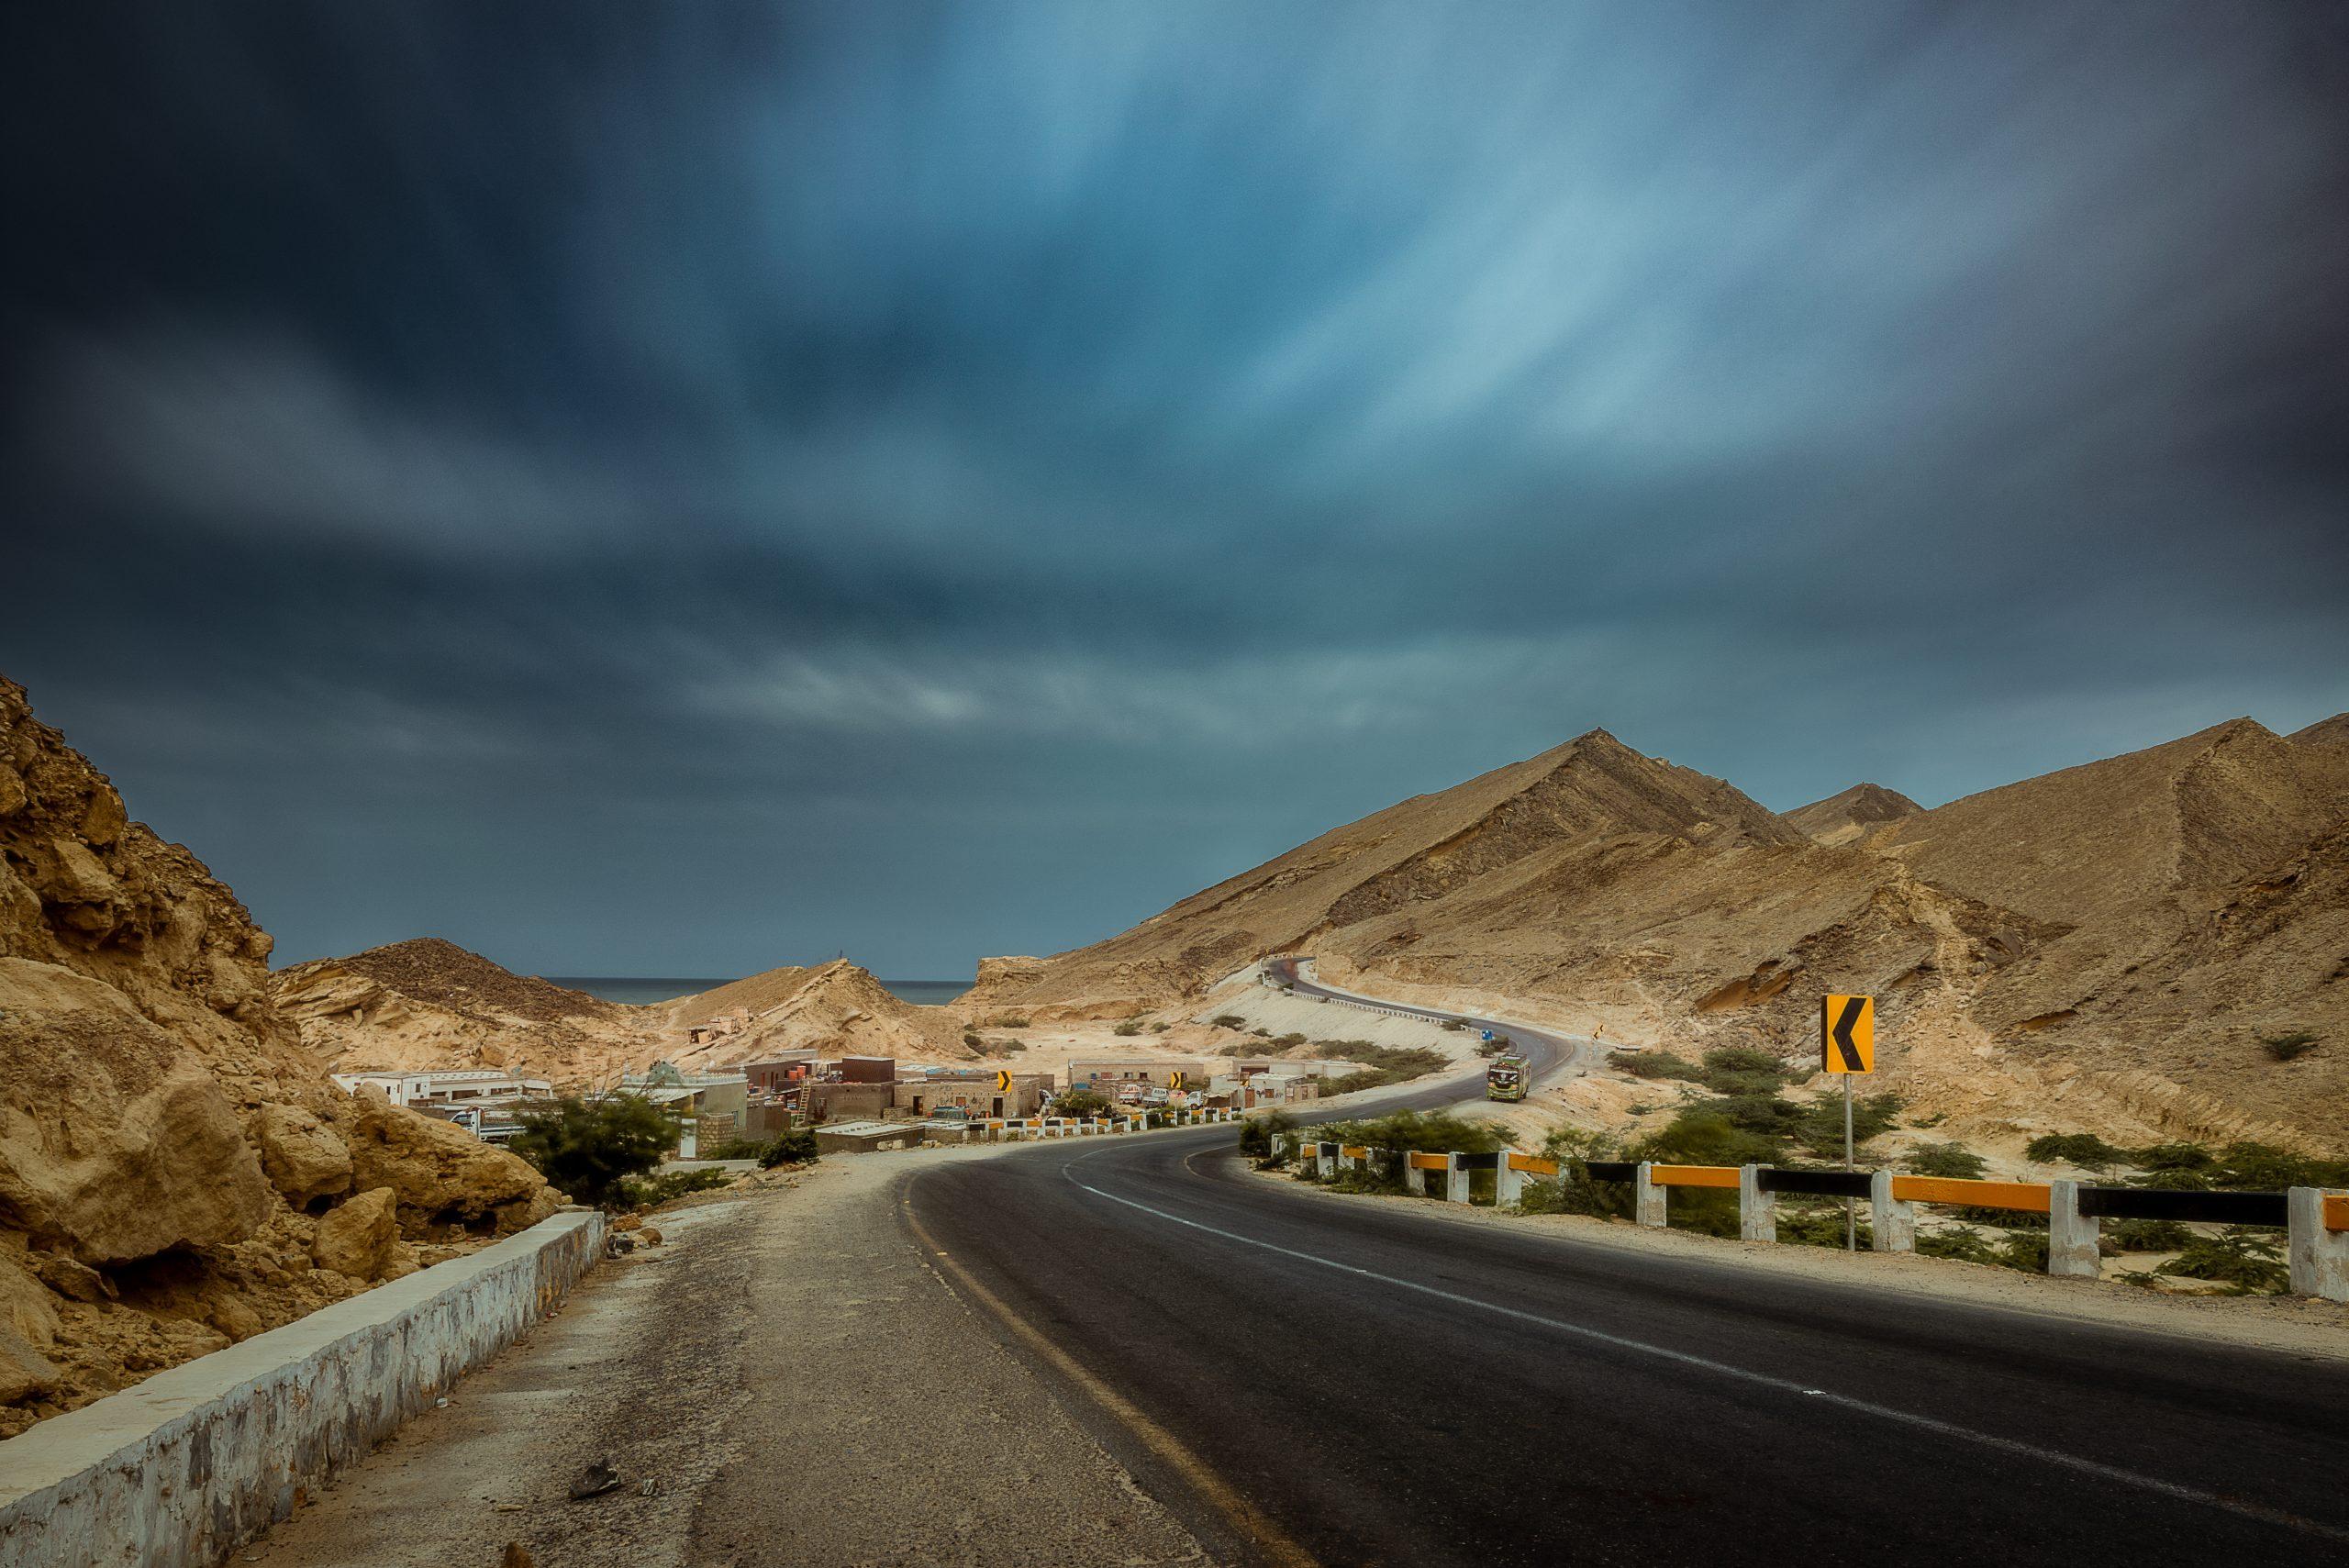 kund malir highway